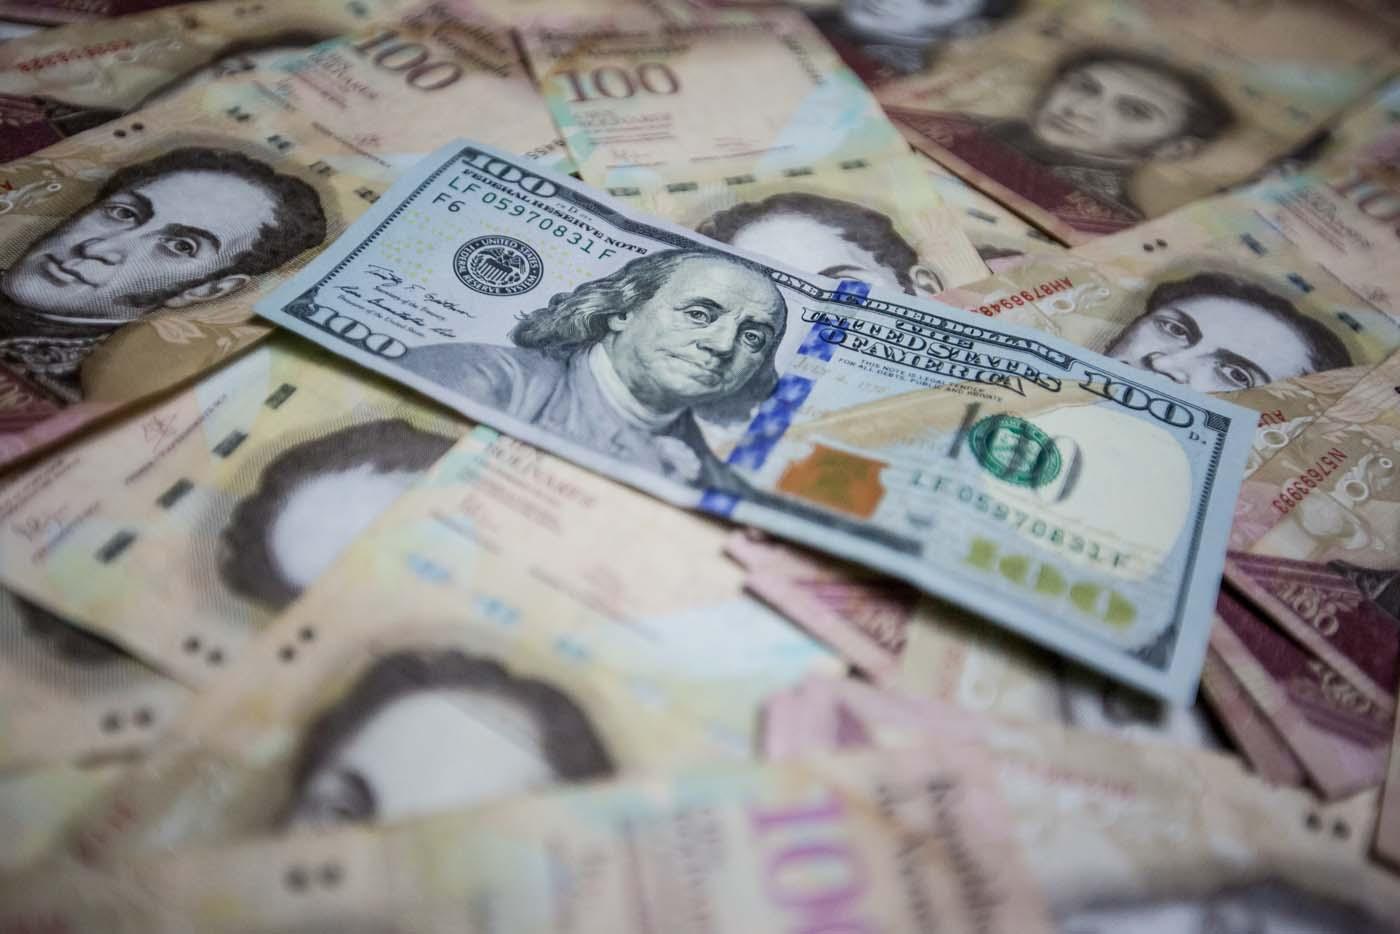 CAR04. CARACAS (VENEZUELA), 17/02/2016.- Fotografía de billetes de pesos mexicanos y dólares estadounidenses hoy, miércoles 17 de febrero de 2016, en Caracas (Venezuela). El presidente venezolano, Nicolás Maduro, anunció hoy una serie de medidas económicas que incluye el primer aumento del precio de la gasolina en el país en 27 años, que sube más de un 6.000 %, una devaluación del bolívar del 58,7 % y un aumento del 20 % de los salarios básicos. EFE/Miguel Gutiérrez